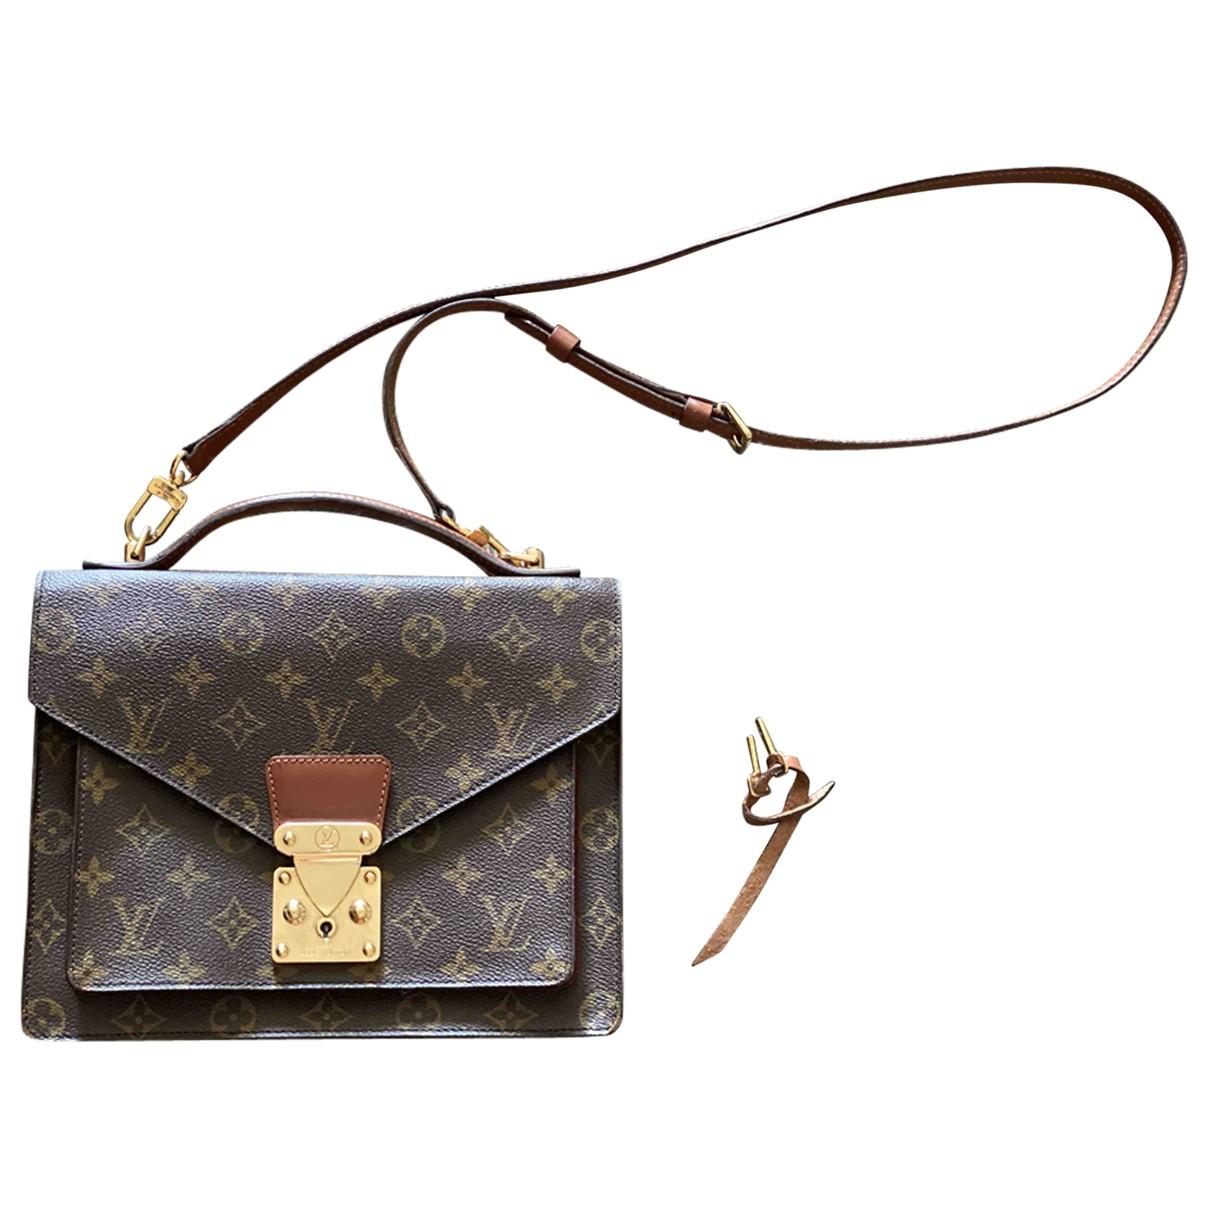 Louis Vuitton - Sac a main Monceau pour femme en toile - marron